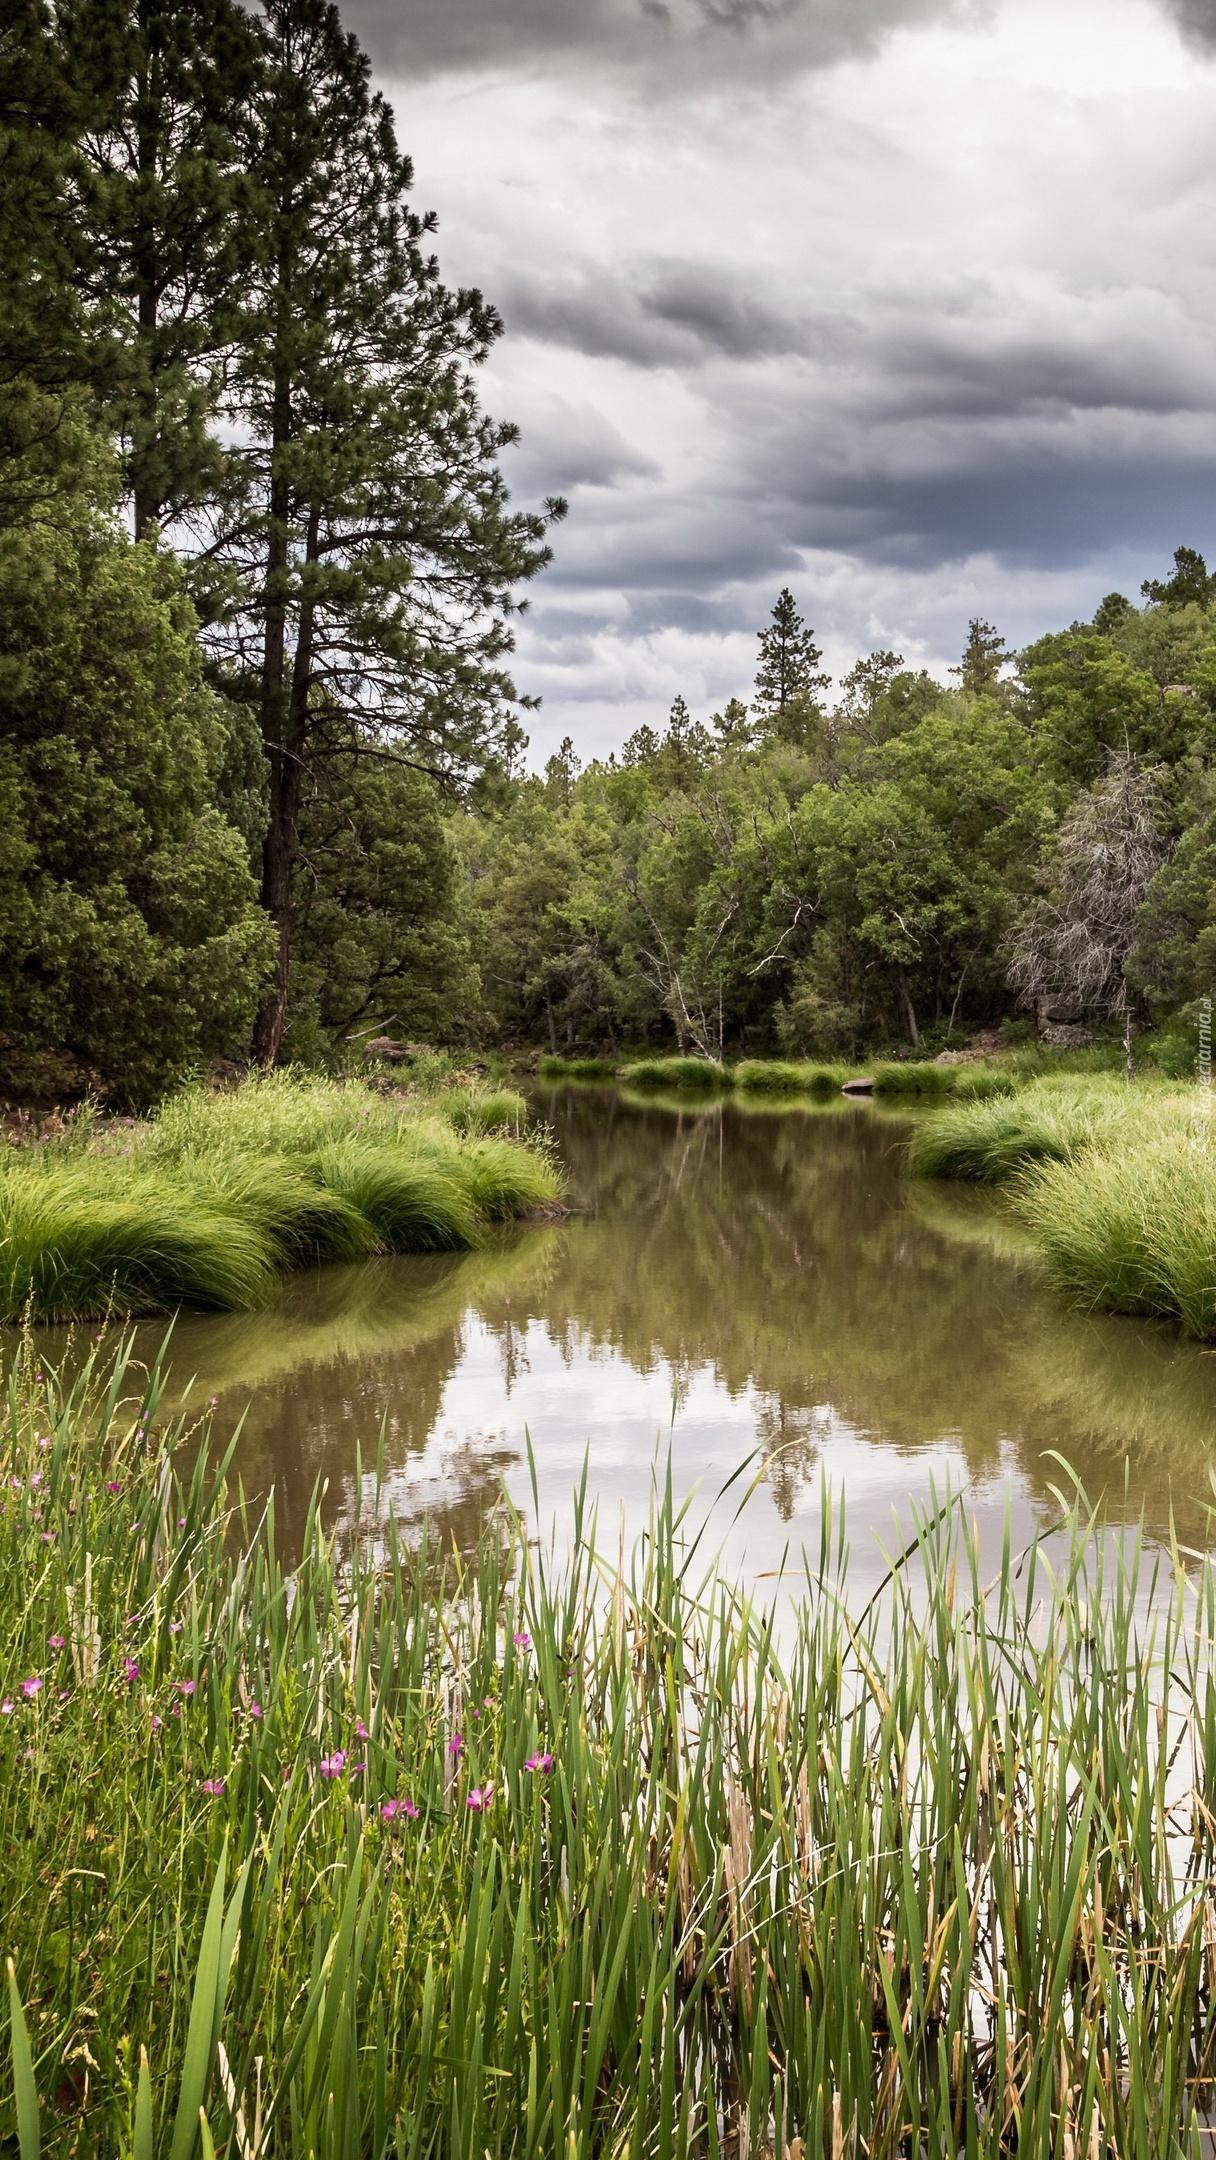 Drzewa i trawy nad rzeką